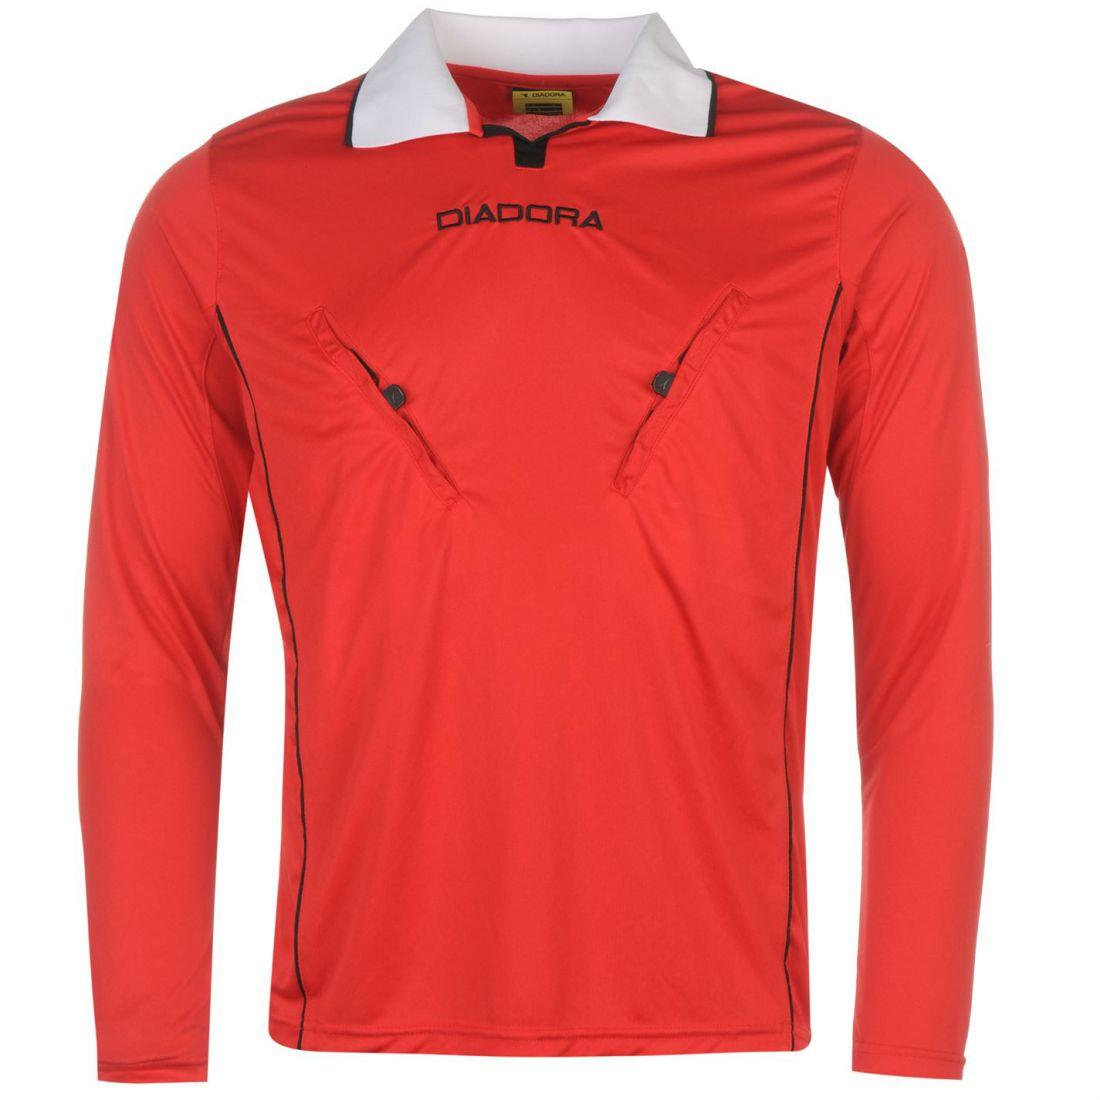 a3b30789216 Diadora Mens Montreal Long Sleeve Referee Shirt Baselayer Top ...